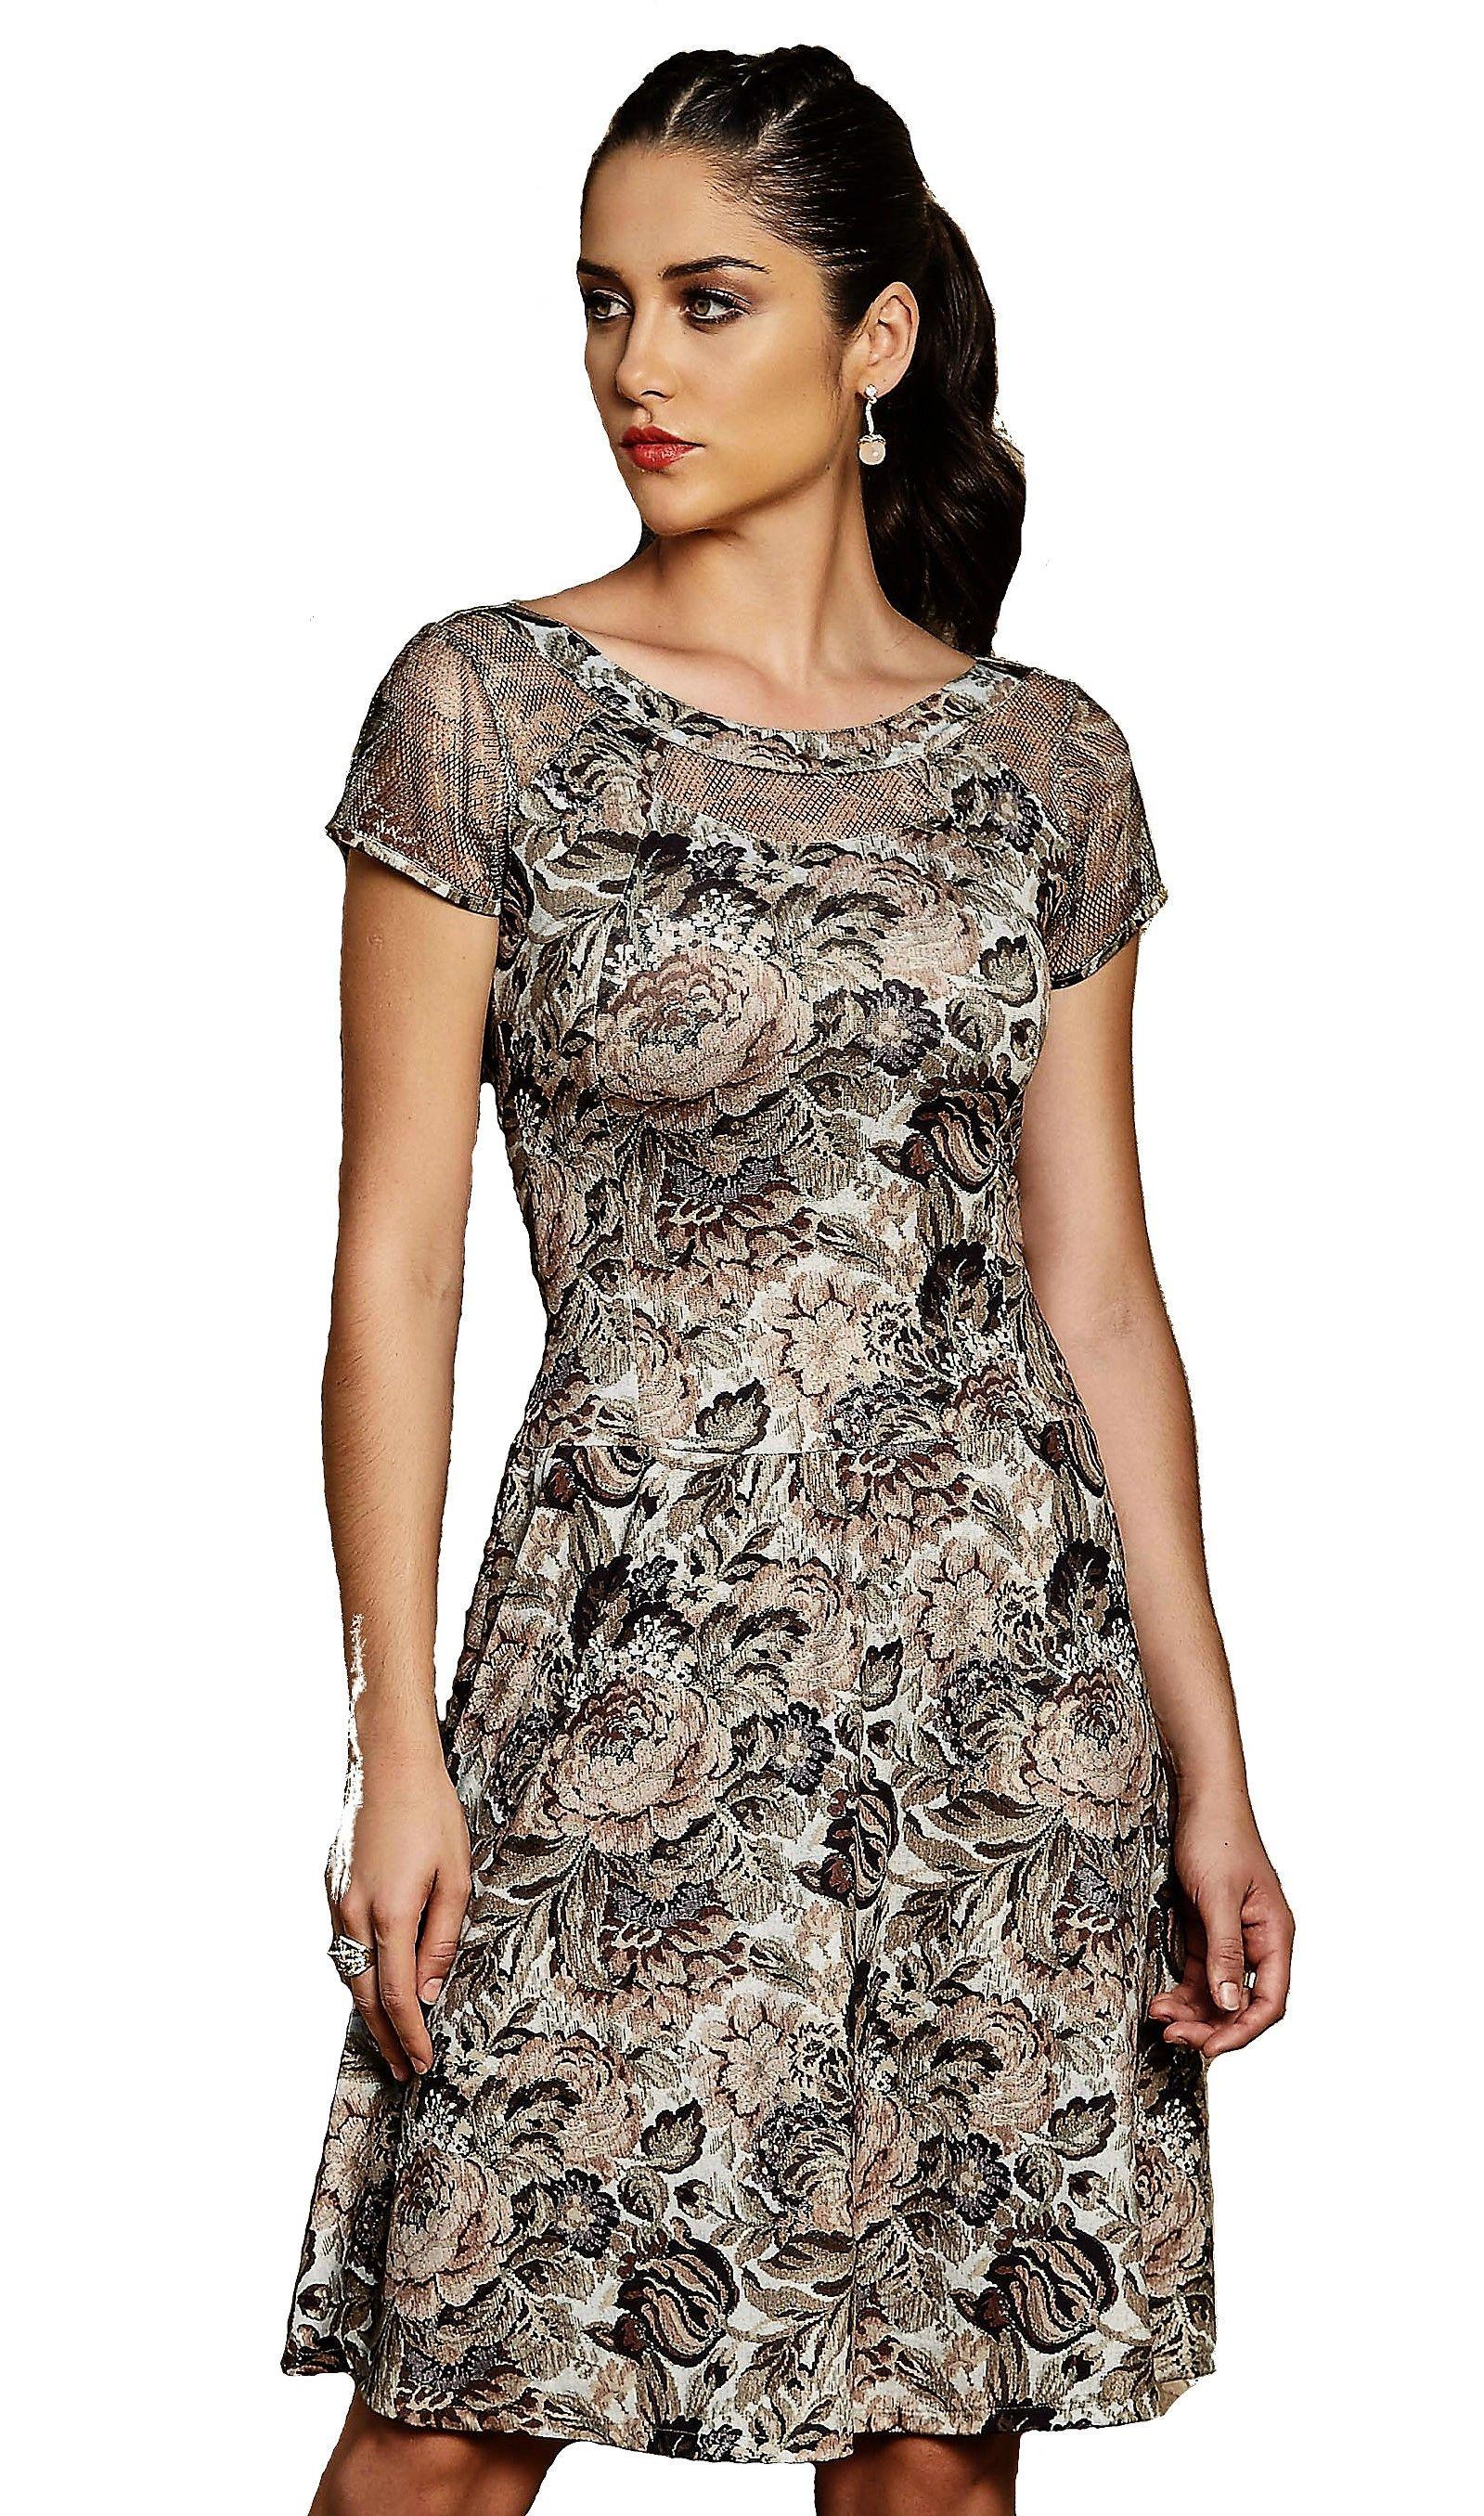 Vestido confeccionada em malha ceispy estampa digital detalhe tela